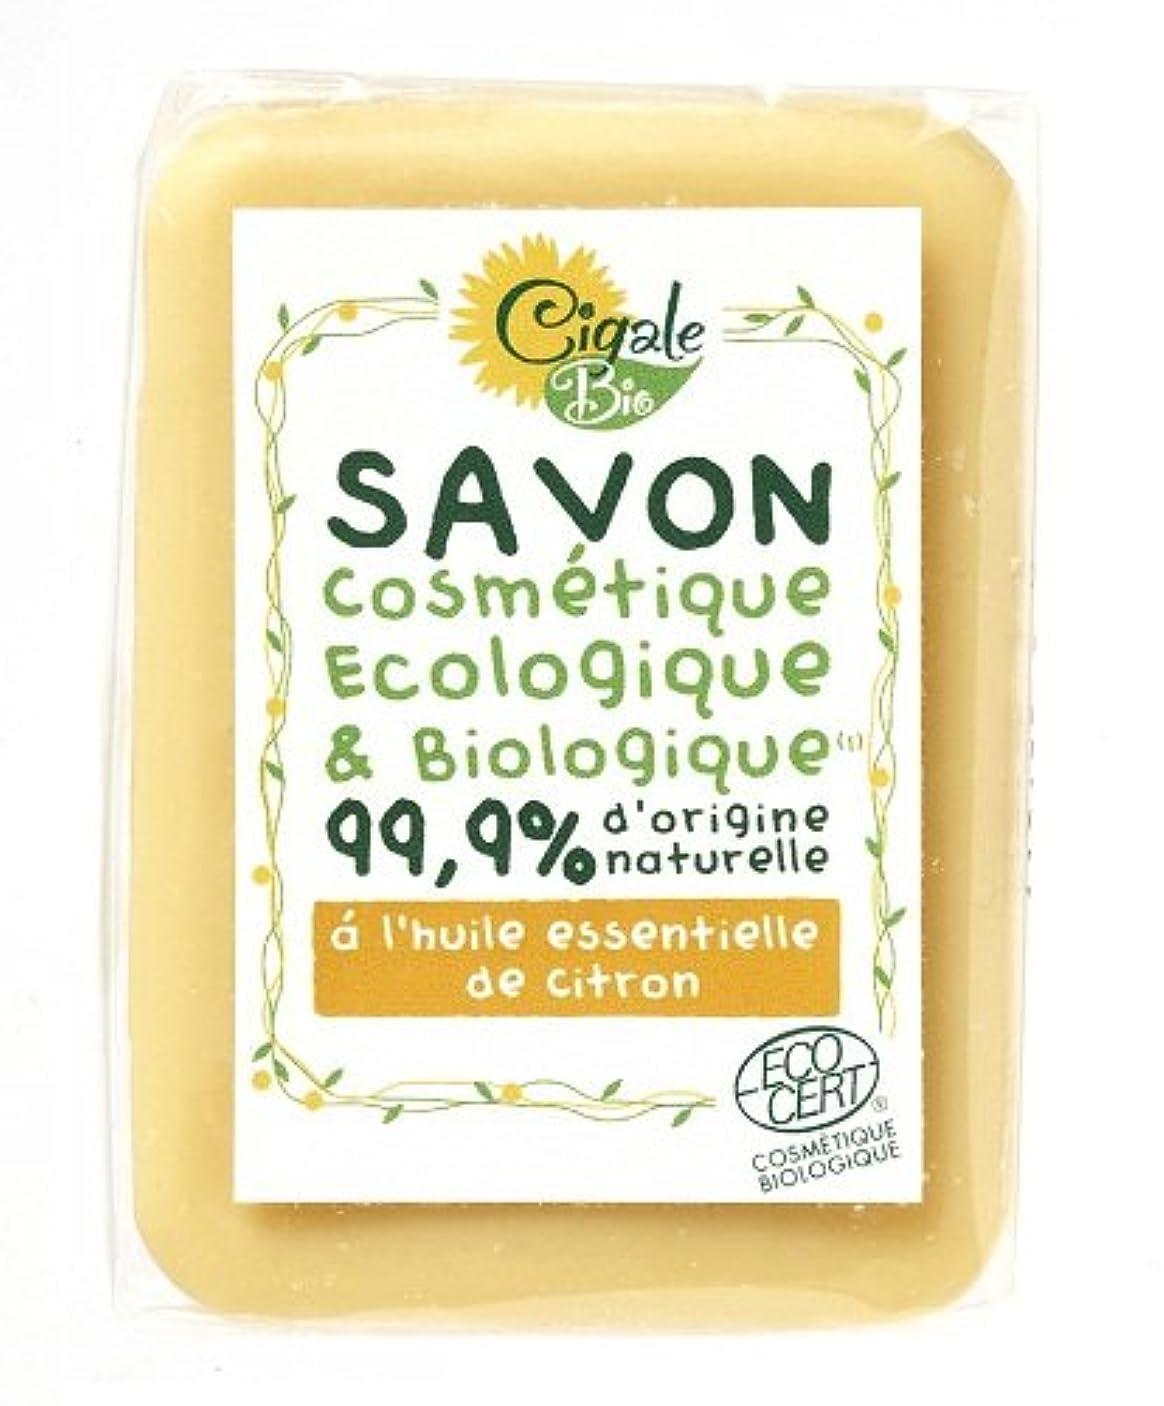 受粉する多用途保存するシガールビオ オーガニックソープ レモン